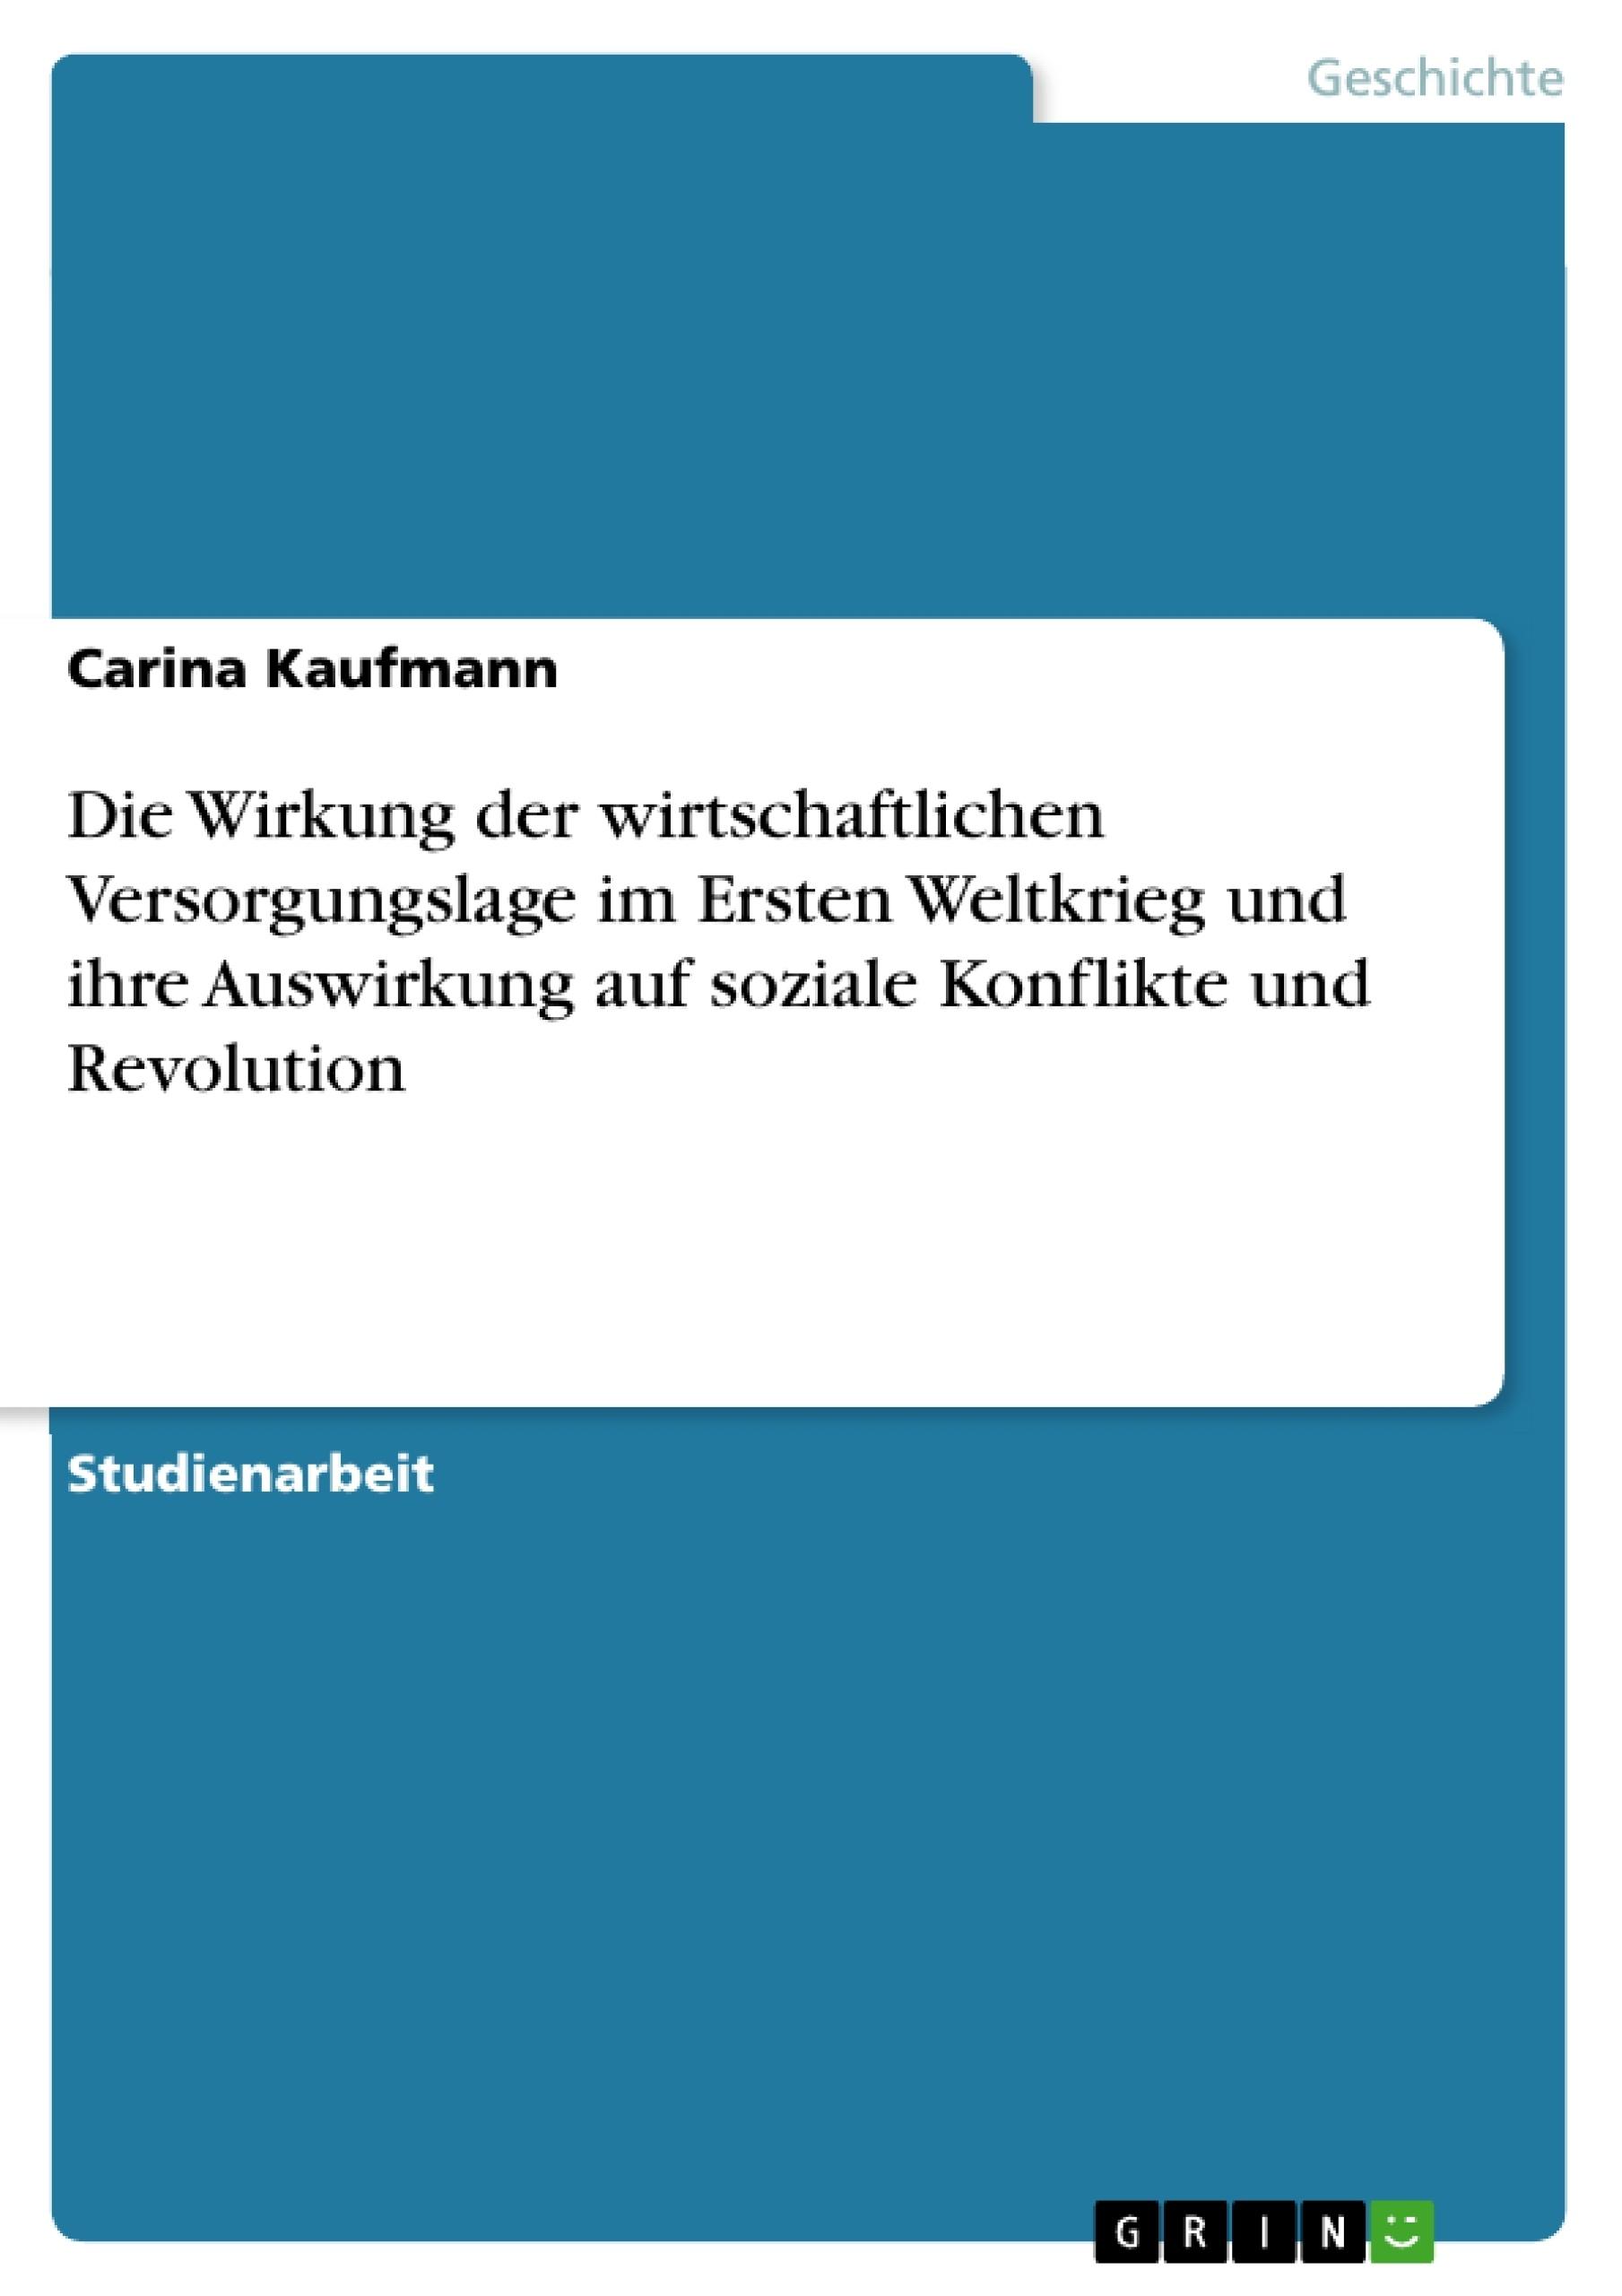 Titel: Die Wirkung der wirtschaftlichen Versorgungslage im Ersten Weltkrieg und ihre Auswirkung auf soziale Konflikte und Revolution